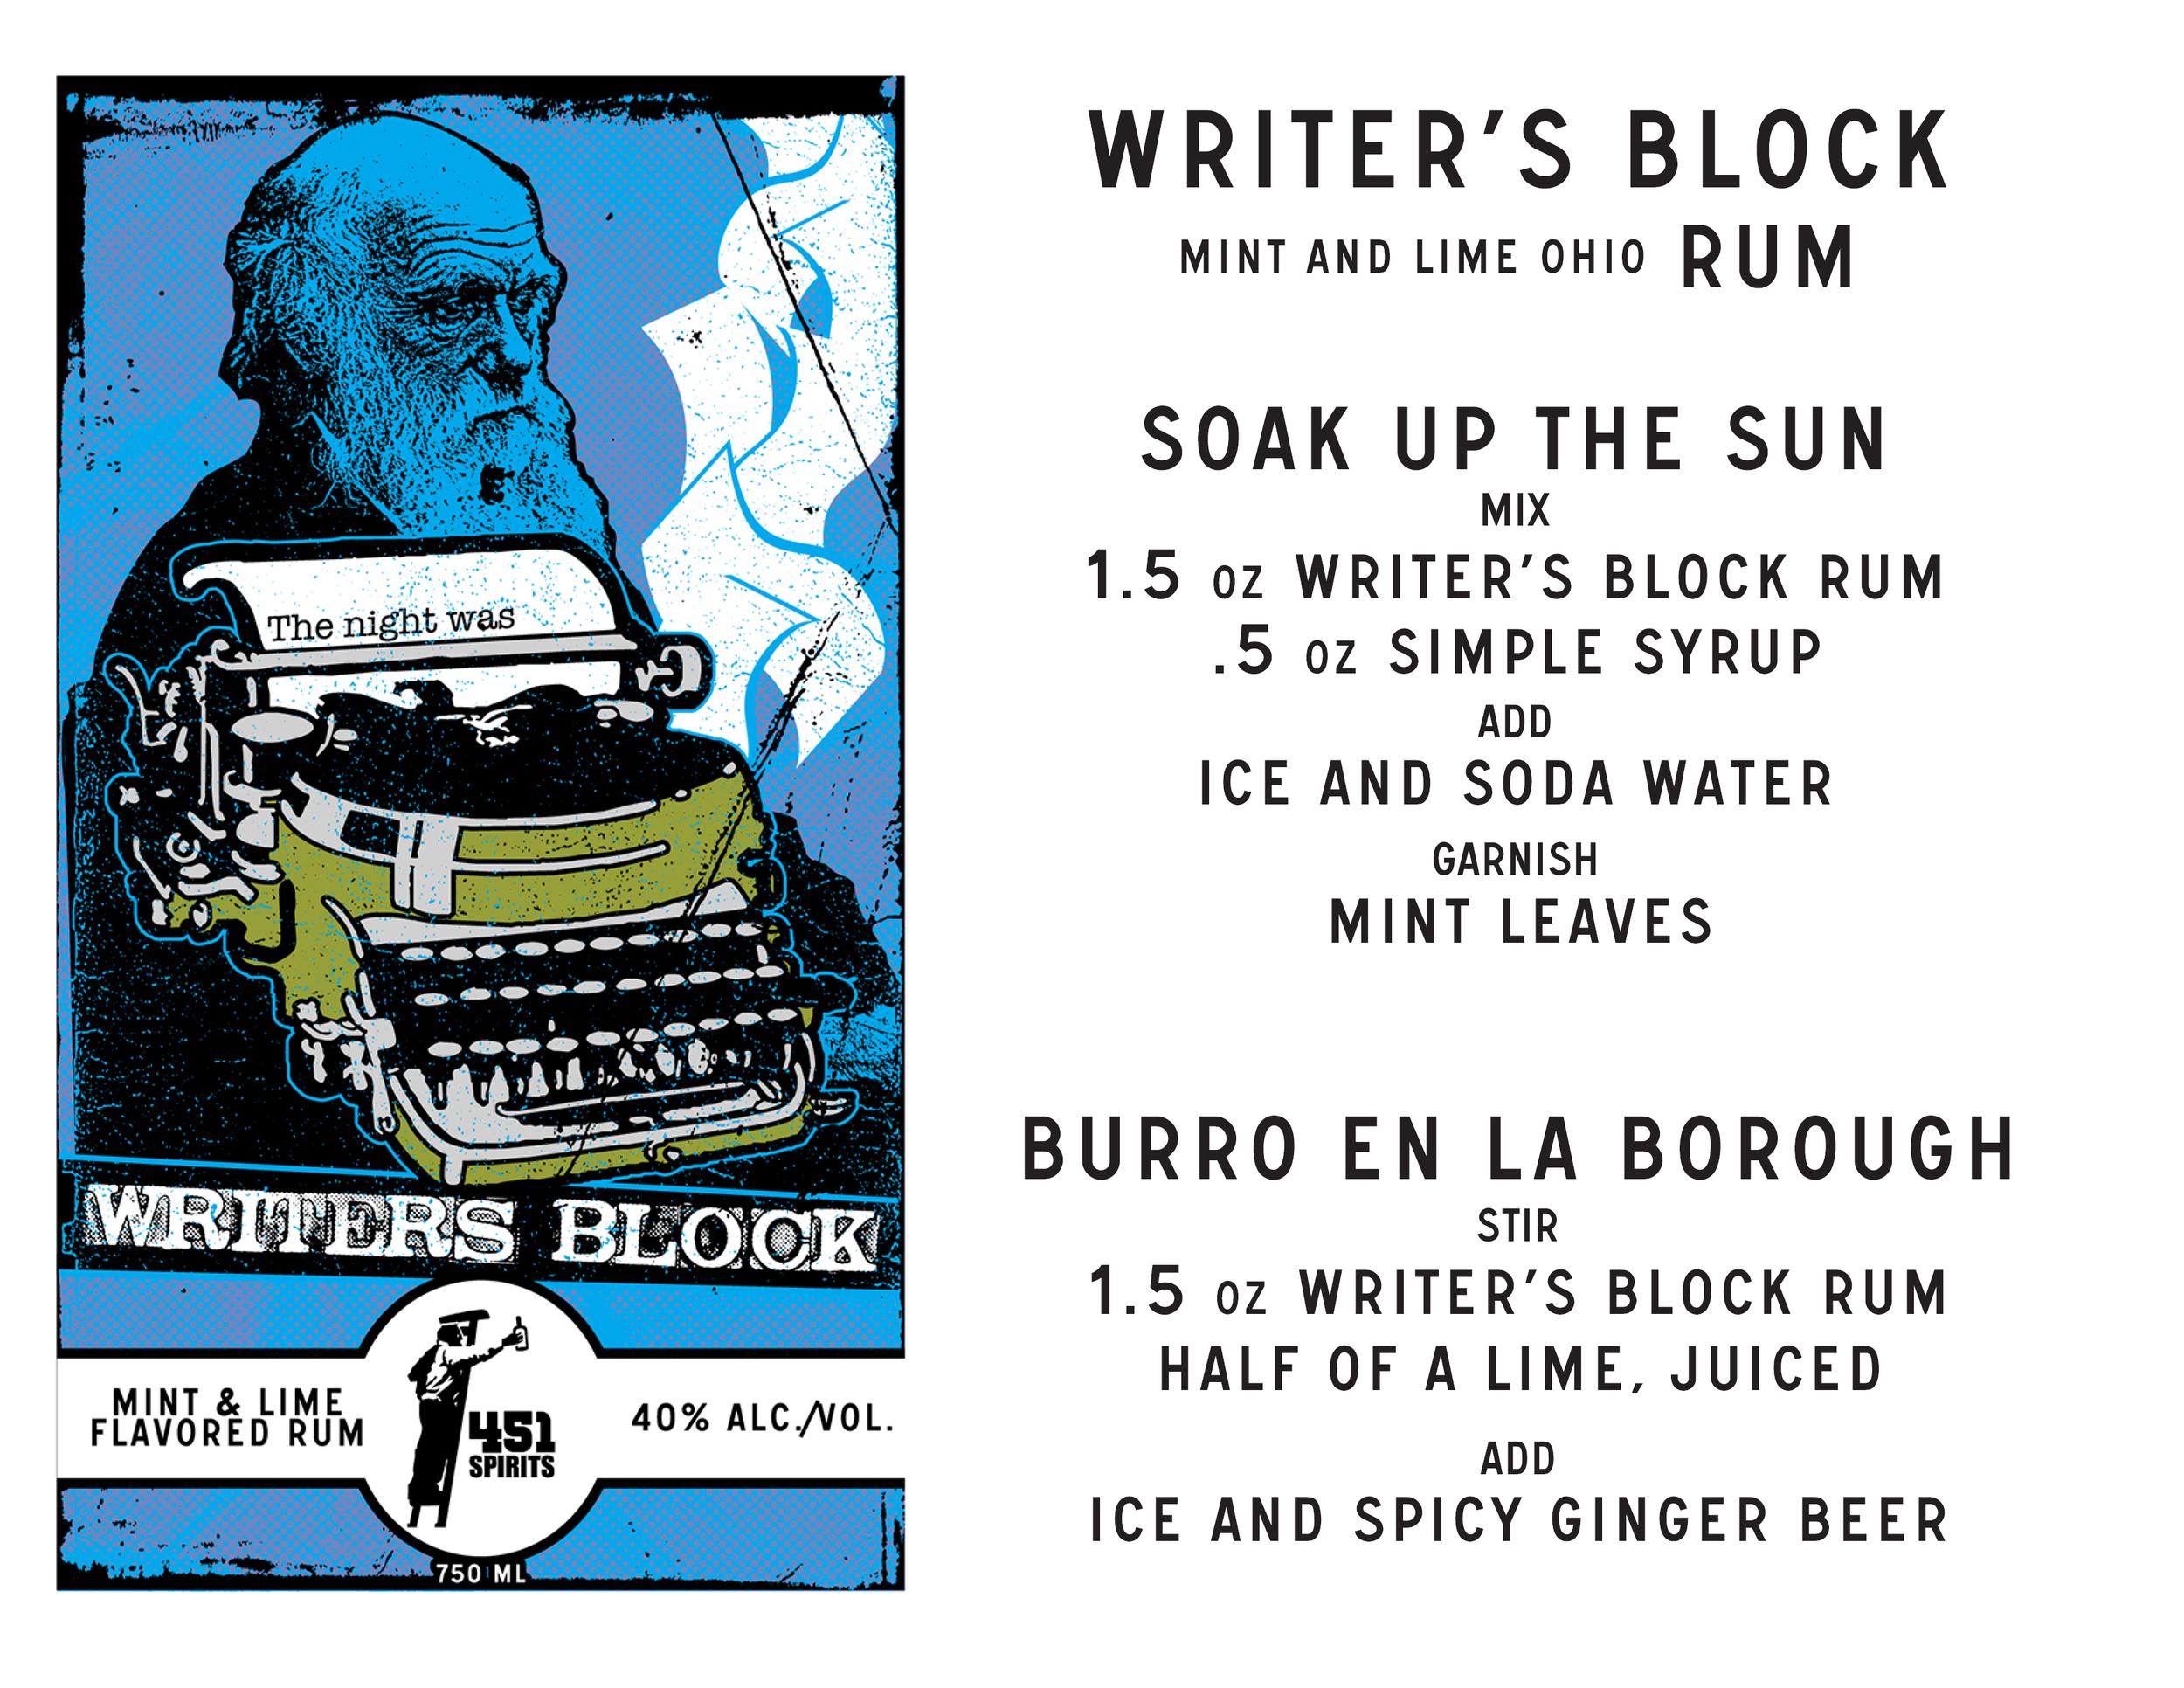 writers_block_rum_recipes.png